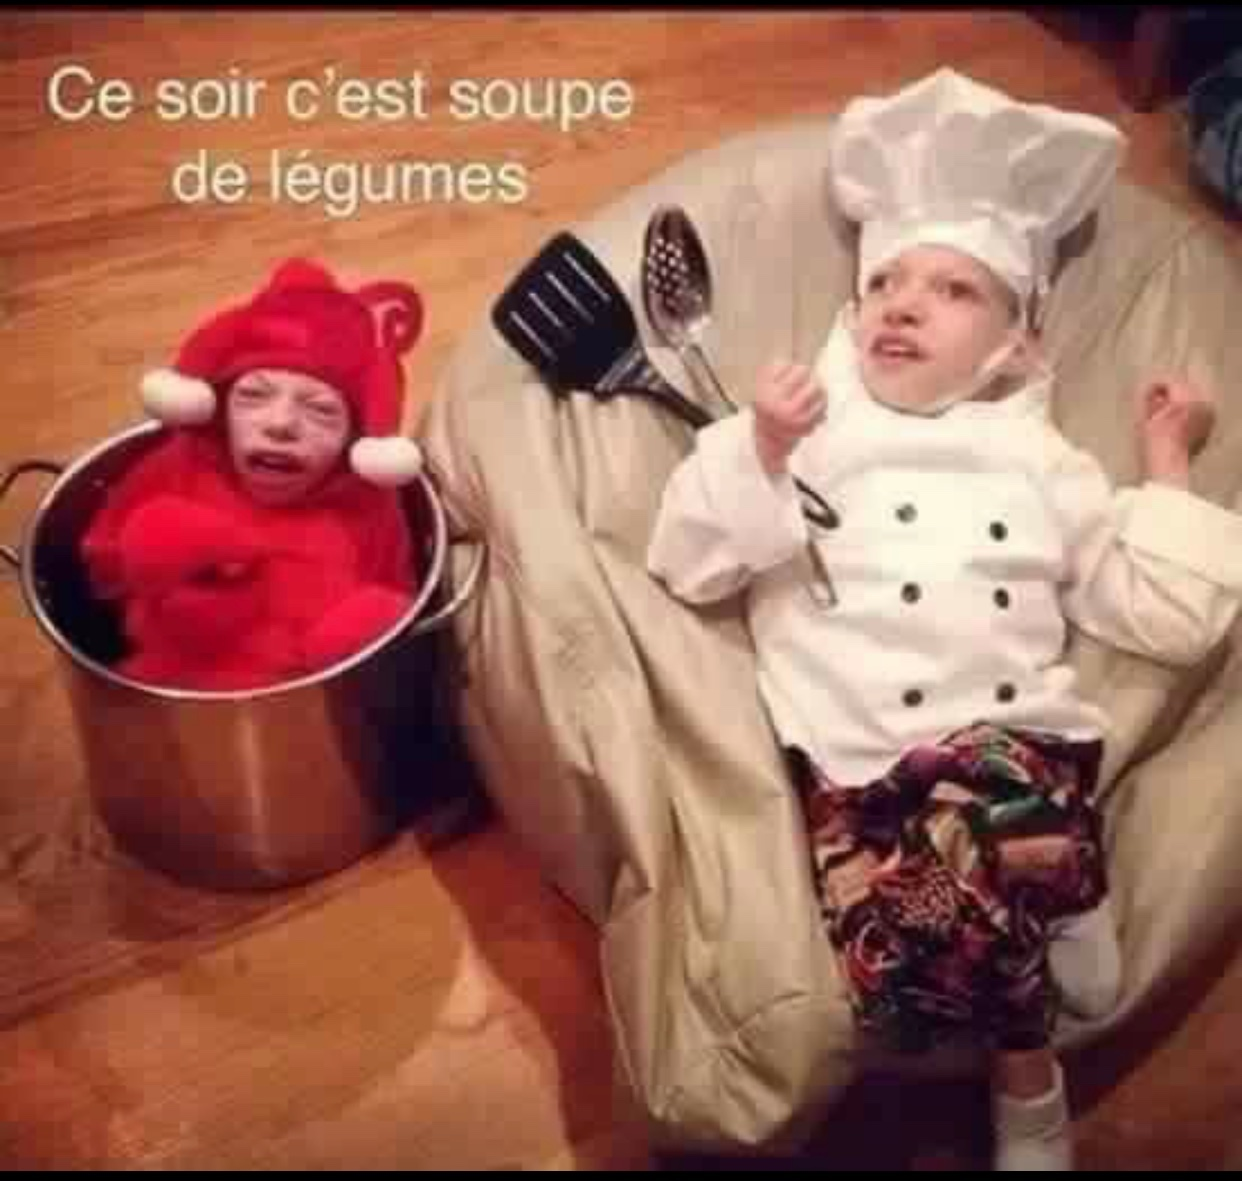 d'la bonne soupe !  - meme